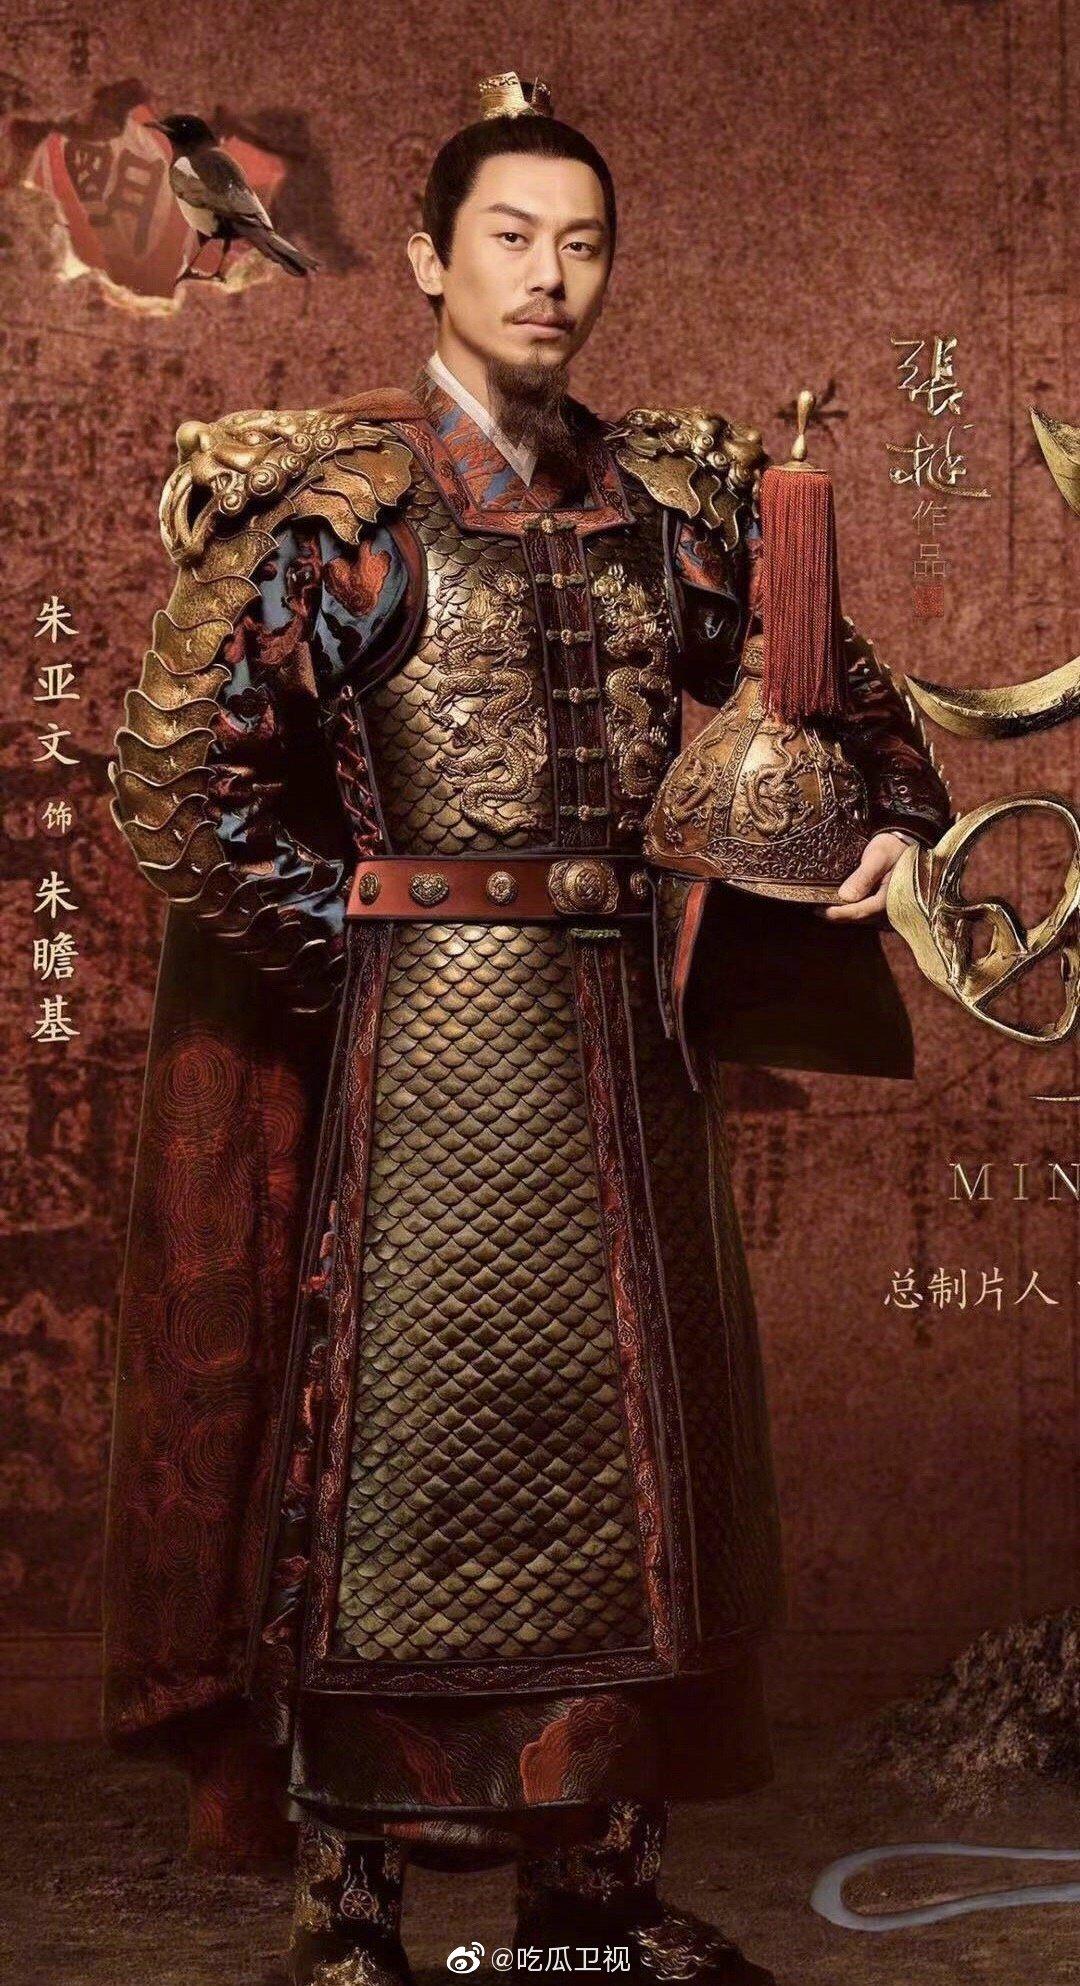 《大明风华》四位男主,朱亚文张艺兴乔振宇俞灏明